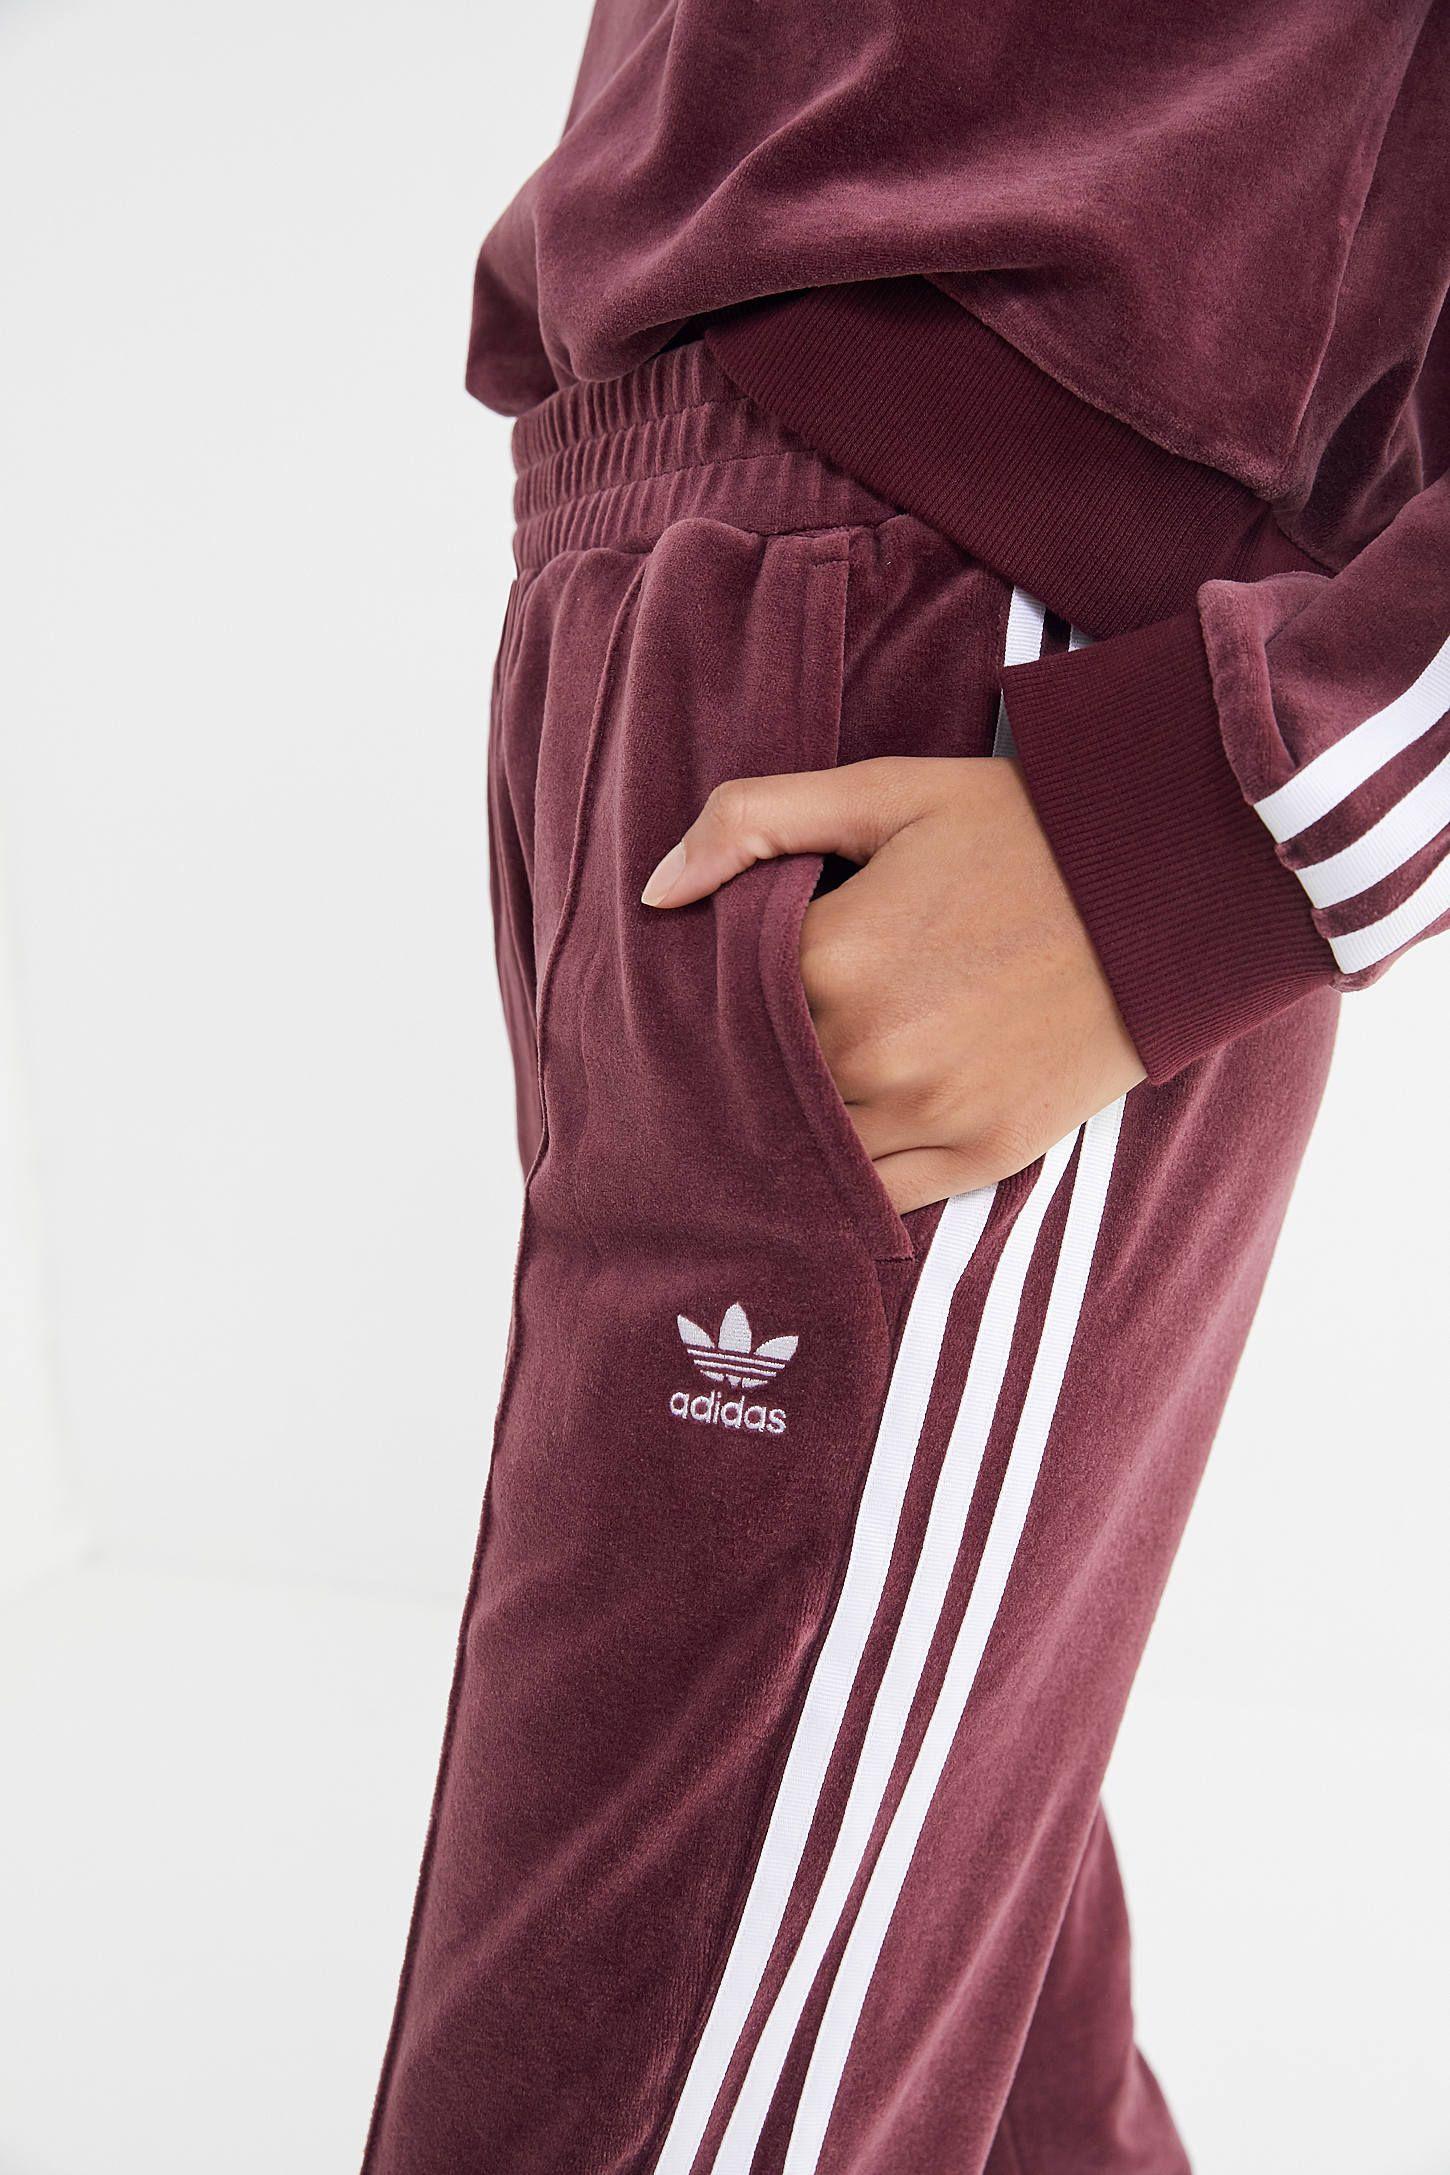 adidas Velvet 3 Stripes Track Pant | Best clothing brands